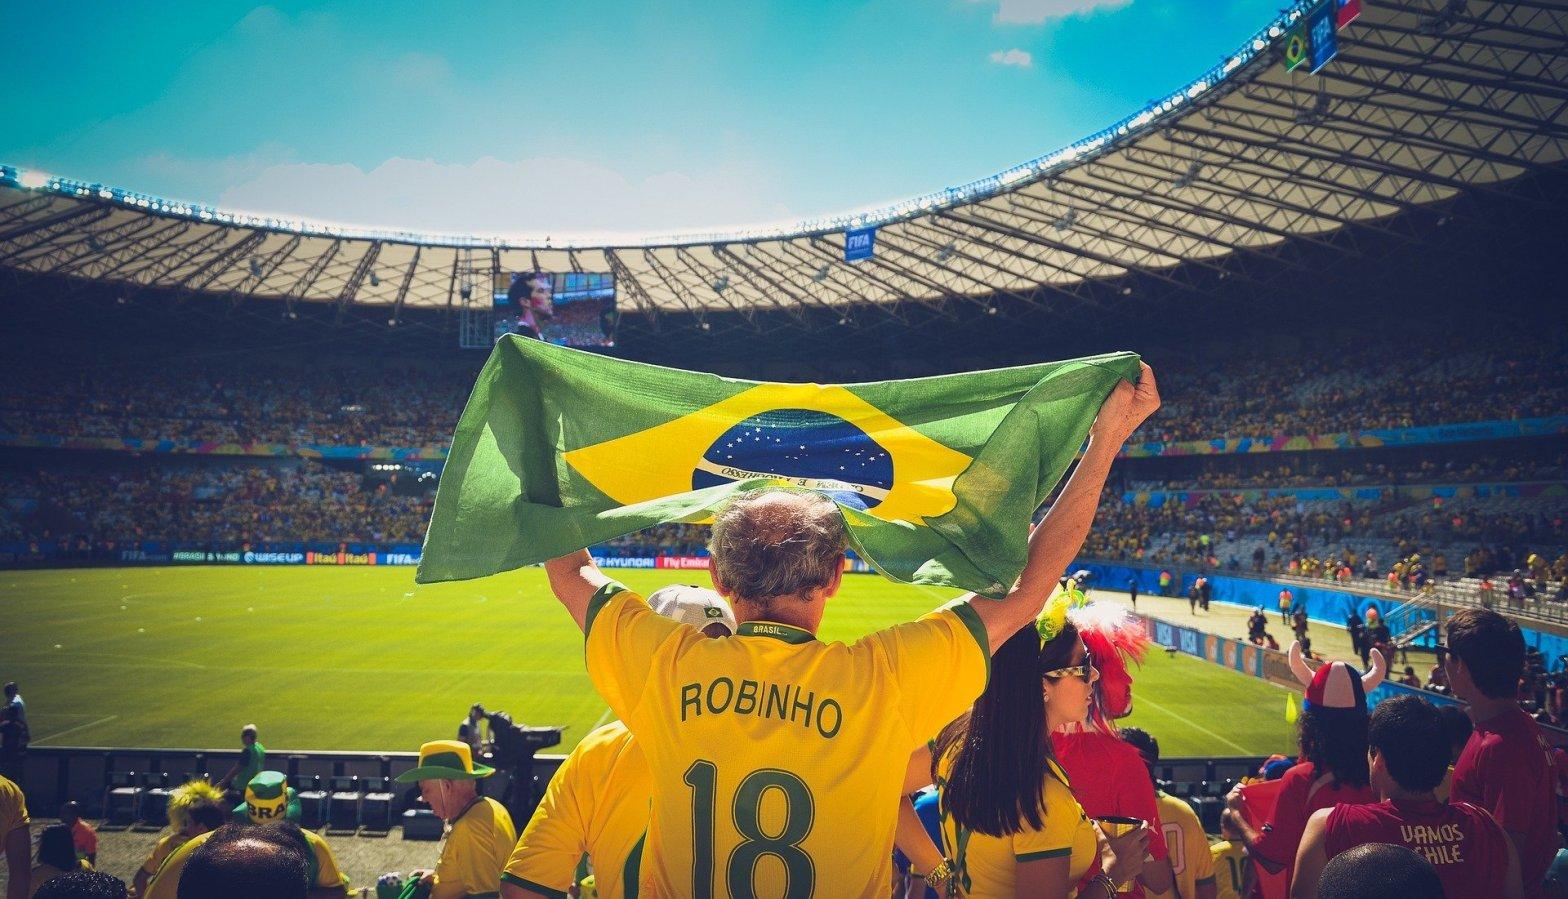 Jubelnder Fan im Fußballstadion